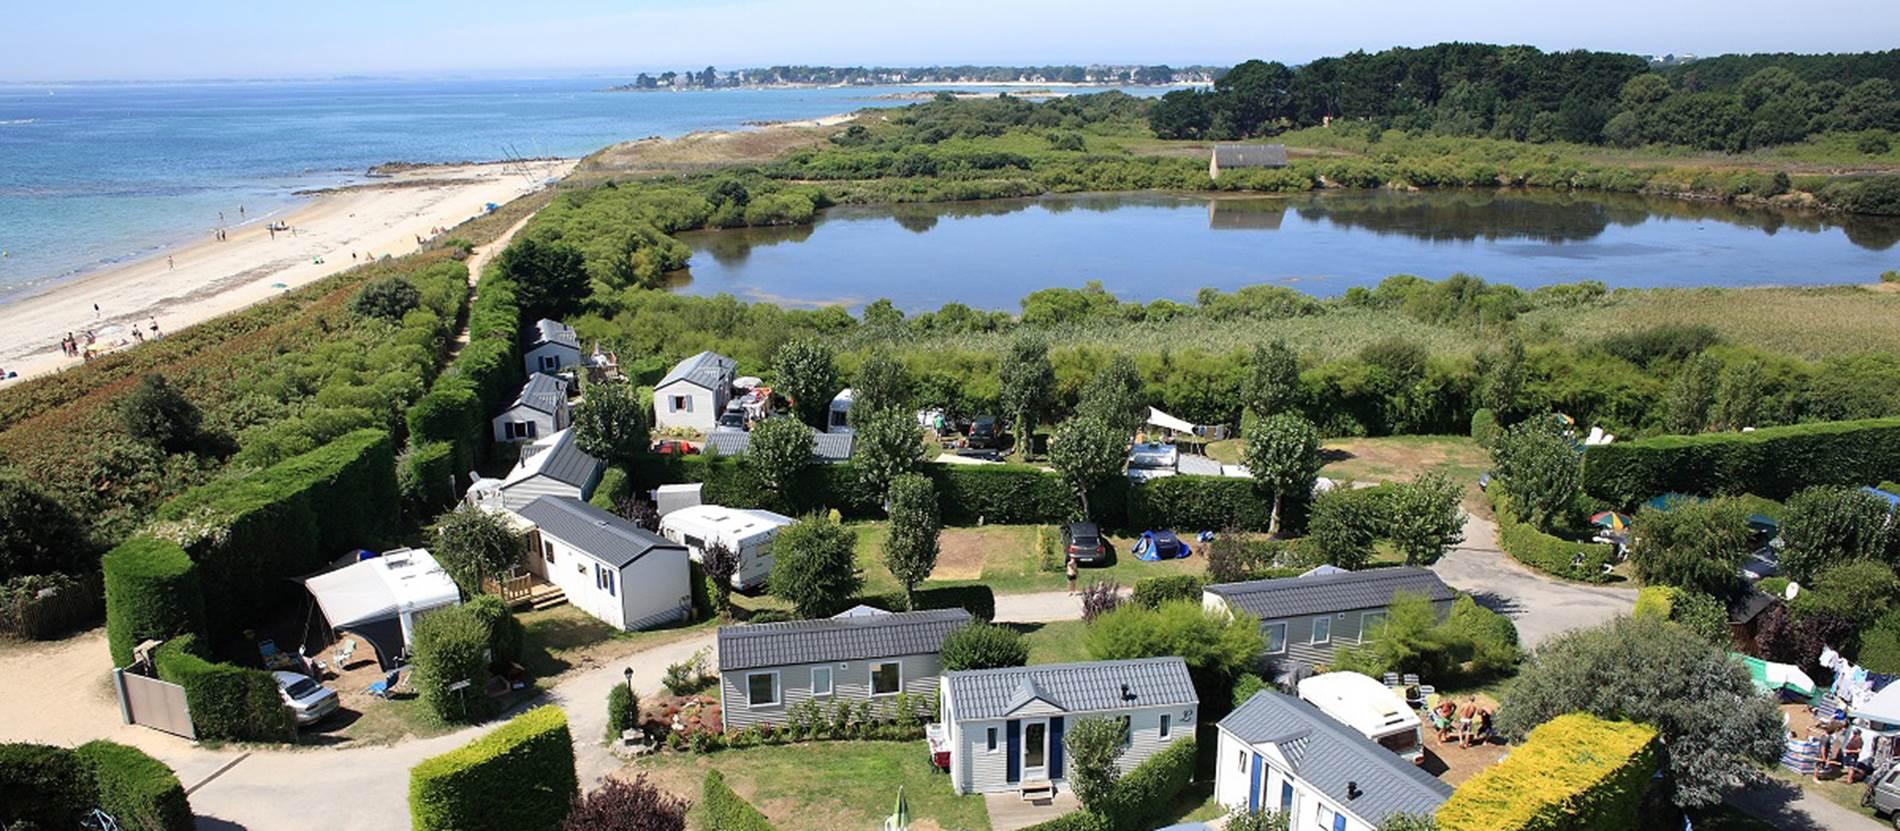 Camping-de-la-Plage-plage-La-Trinite-sur-Mer-Morbihan-Bretagne-Sud © Camping-de-la-Plage-plage-La-Trinite-sur-Mer